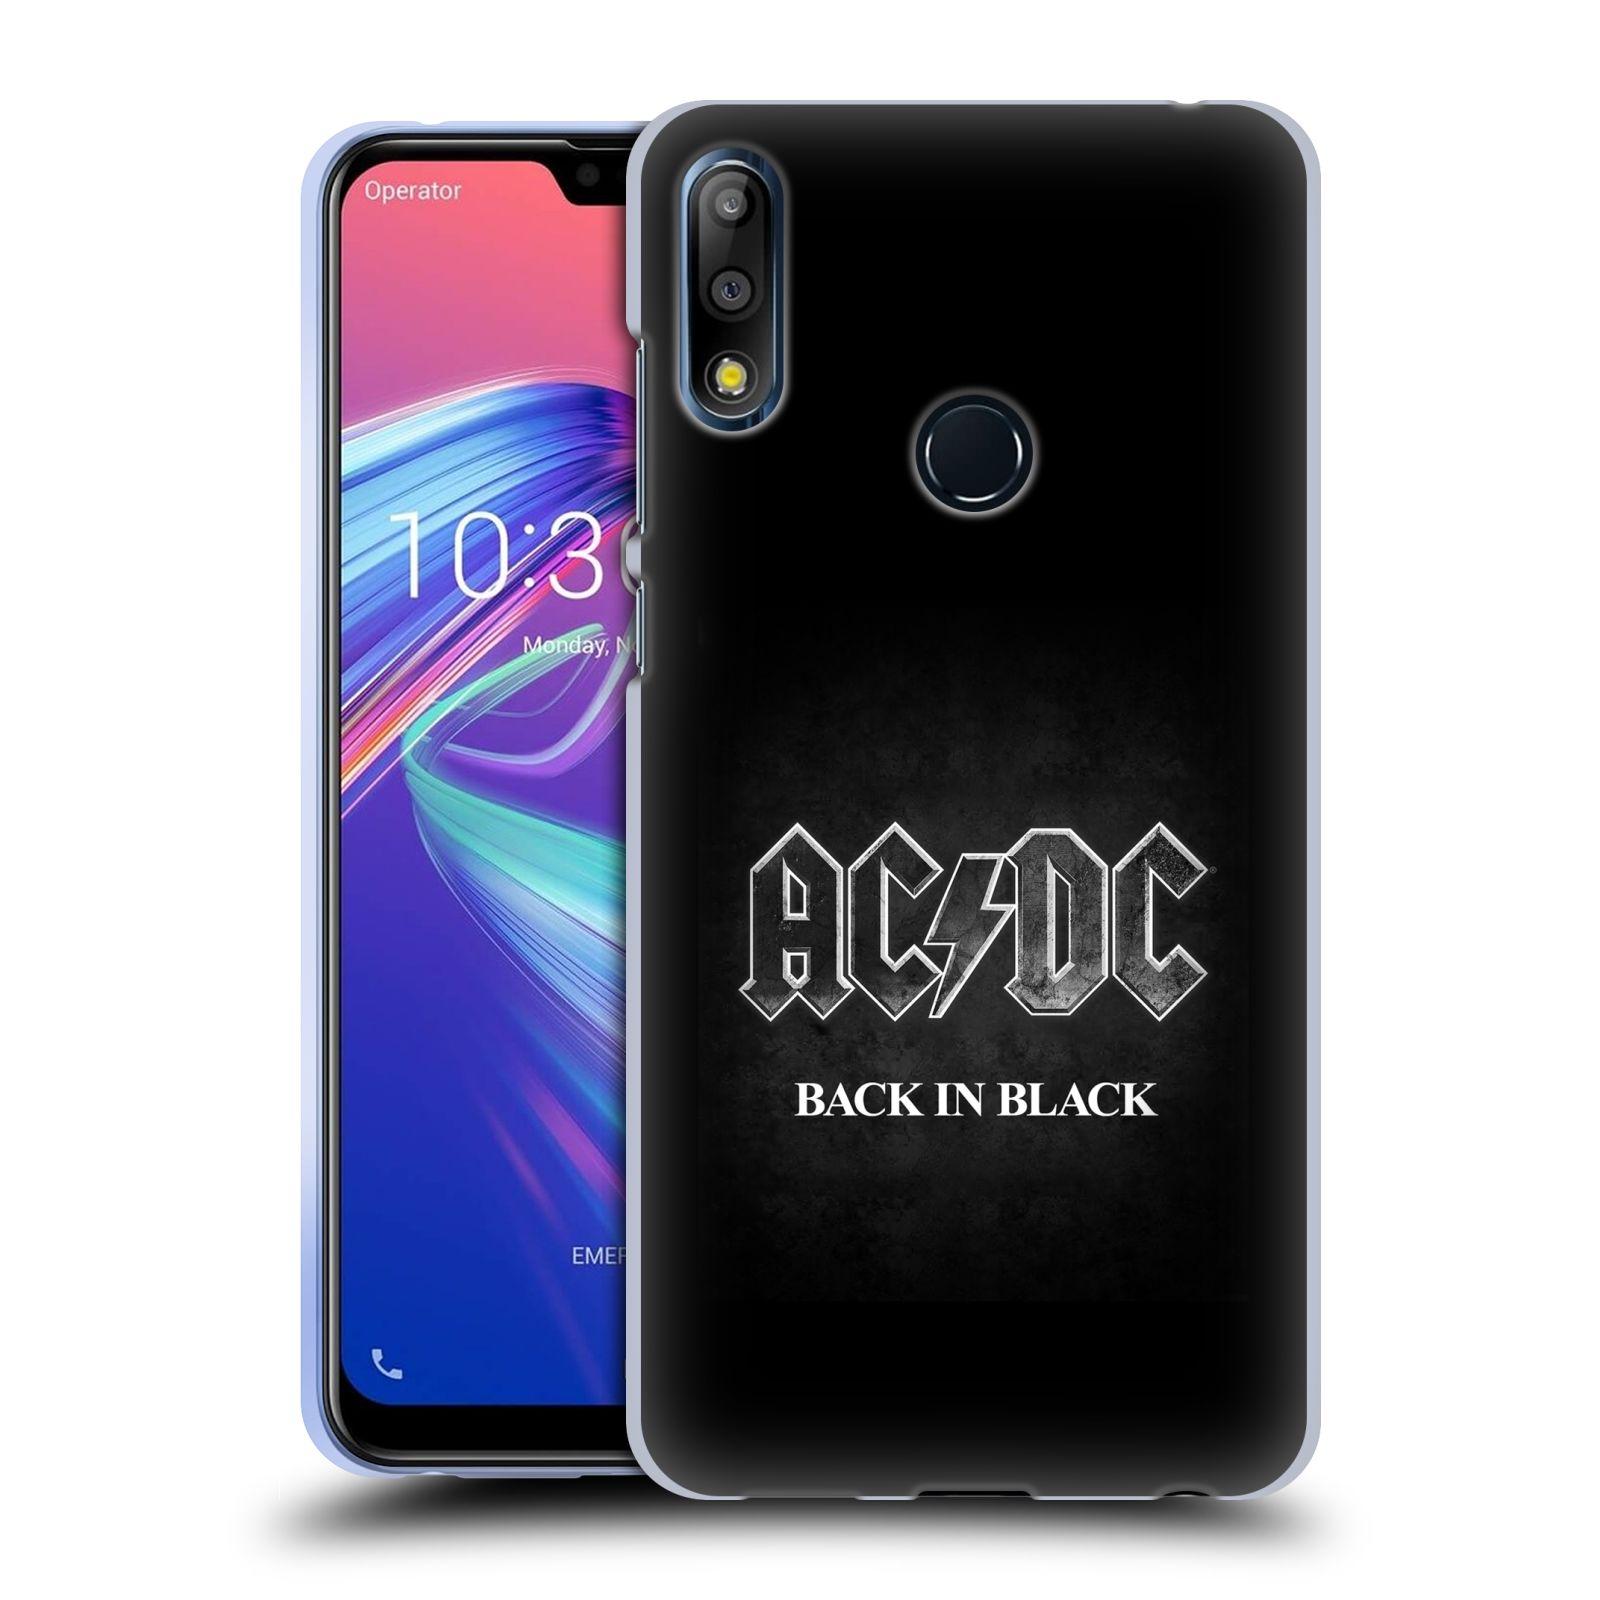 Silikonové pouzdro na mobil Asus Zenfone Max Pro M2 ZB631KL - Head Case - AC/DC BACK IN BLACK